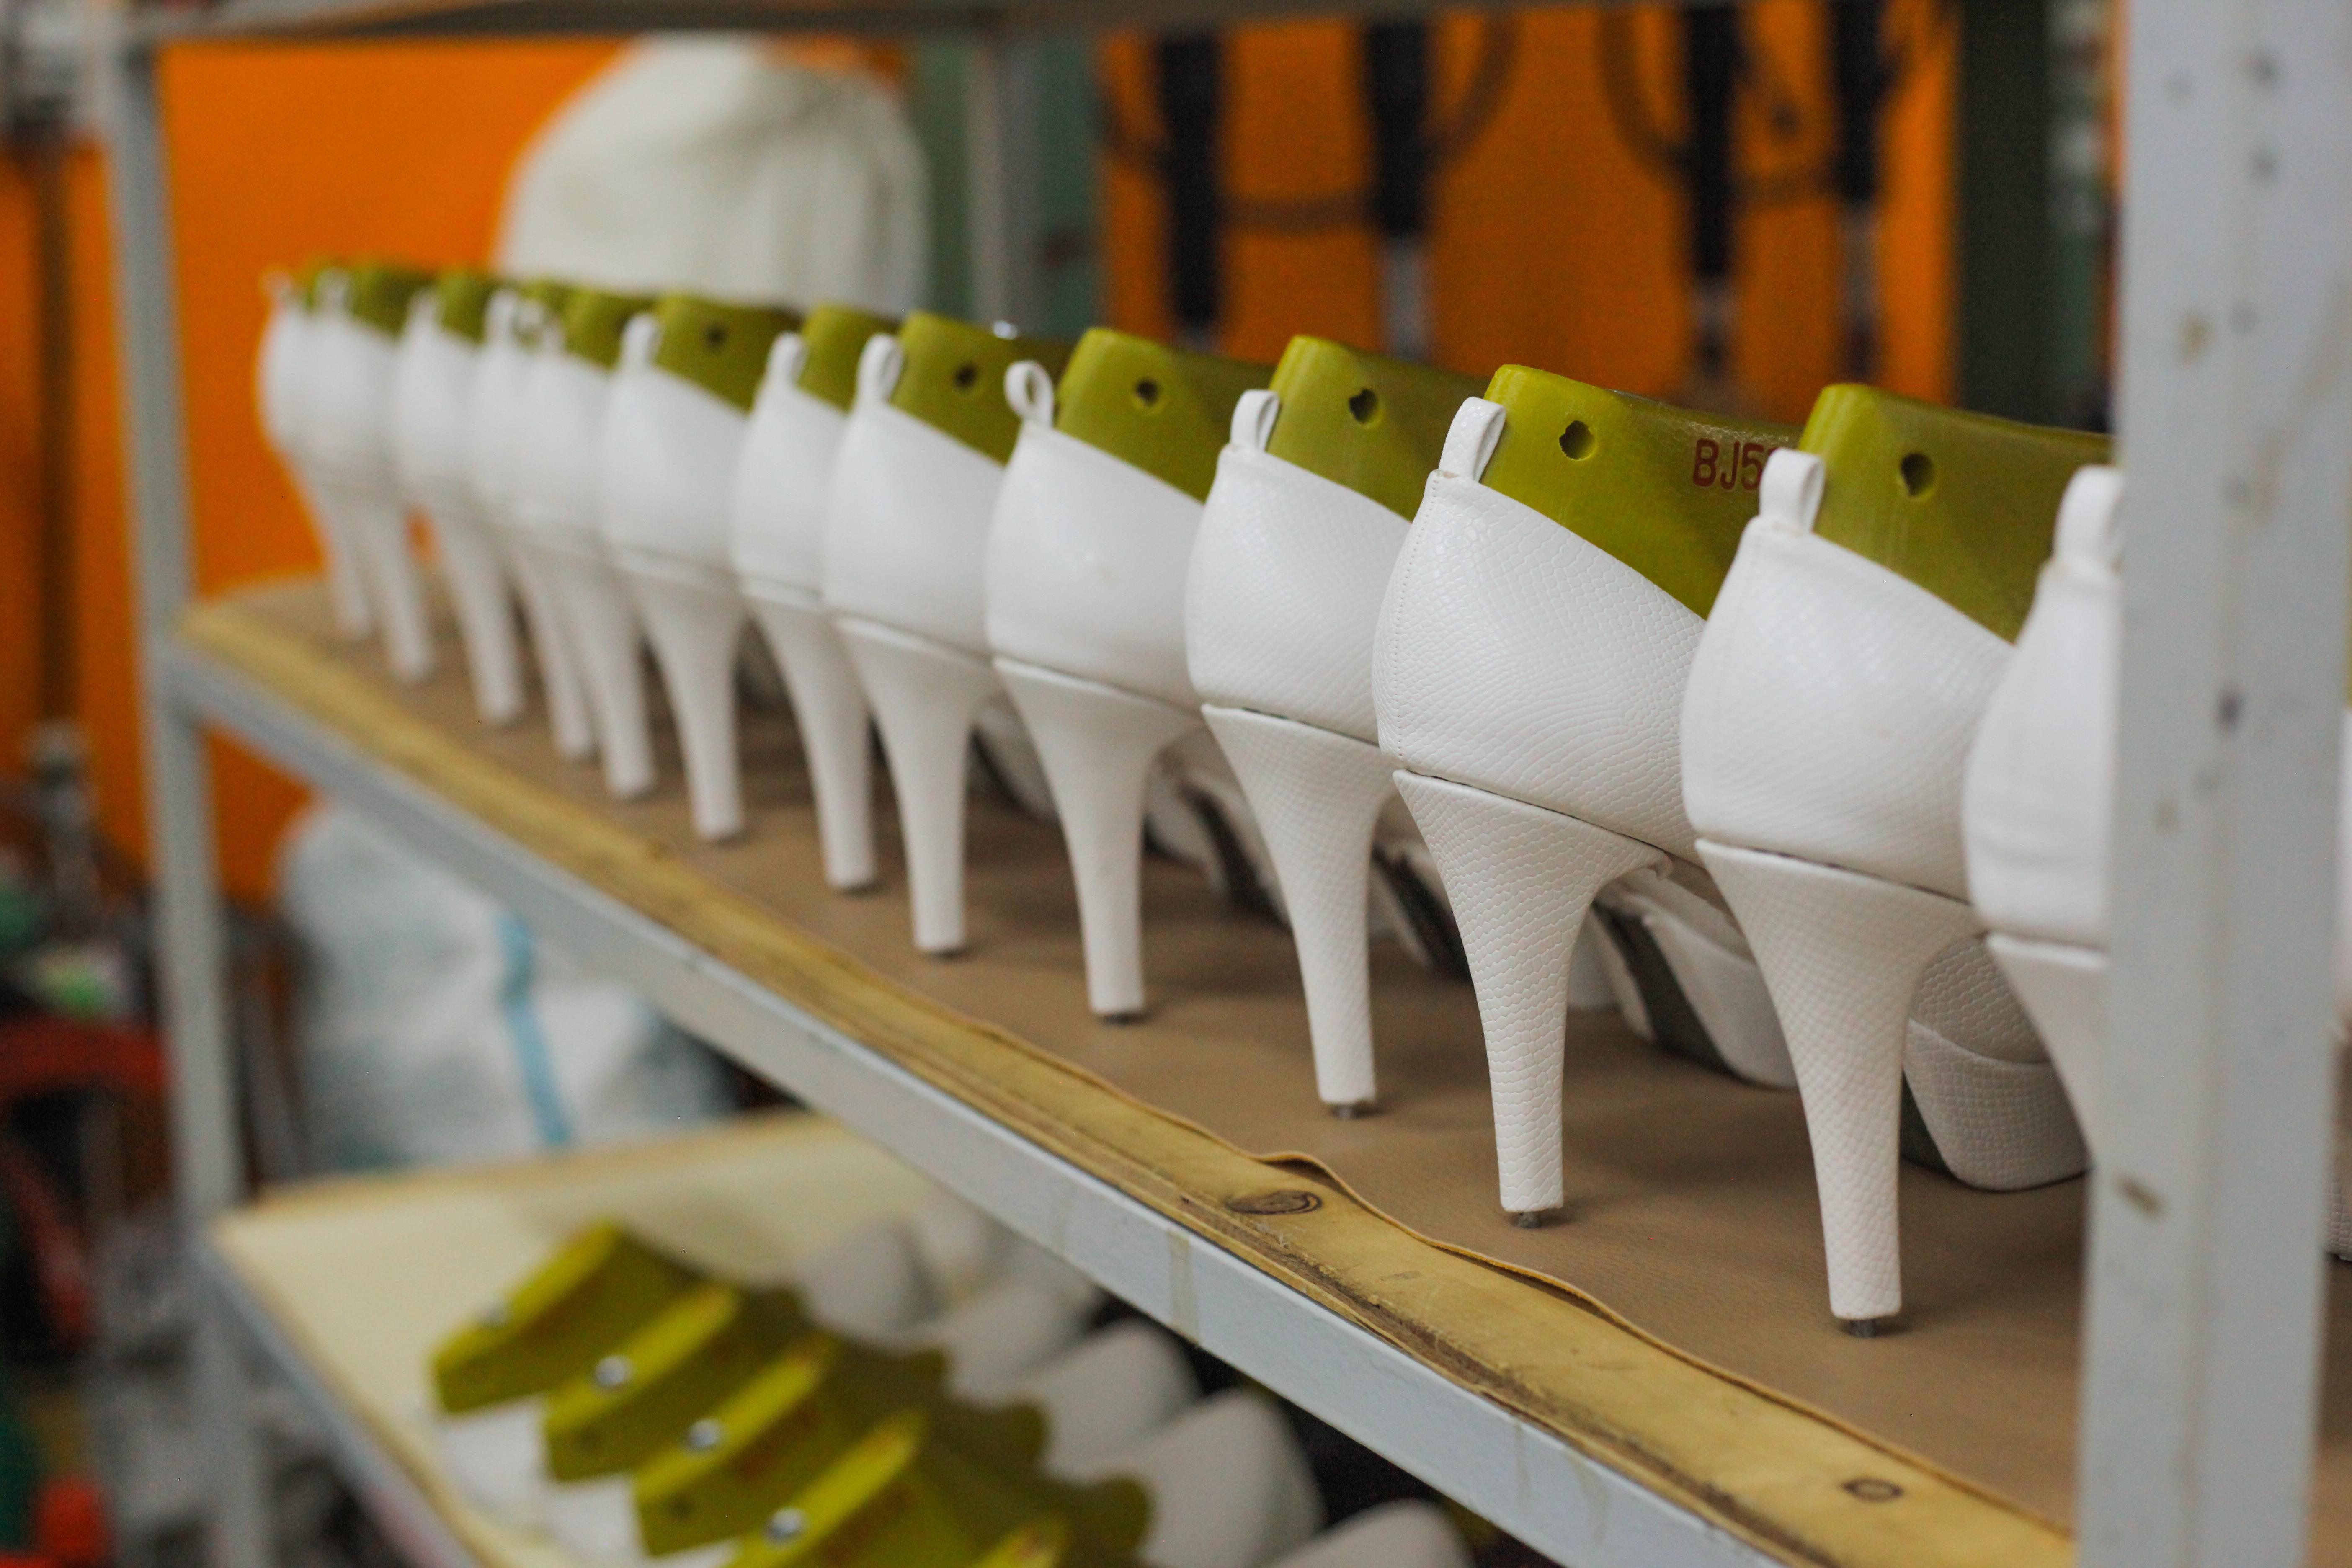 Để cho ra những sản phẩm tốt nhất, Bejo chú tâm đầu tư vào vật liệu tốt và máy móc hiện đại.